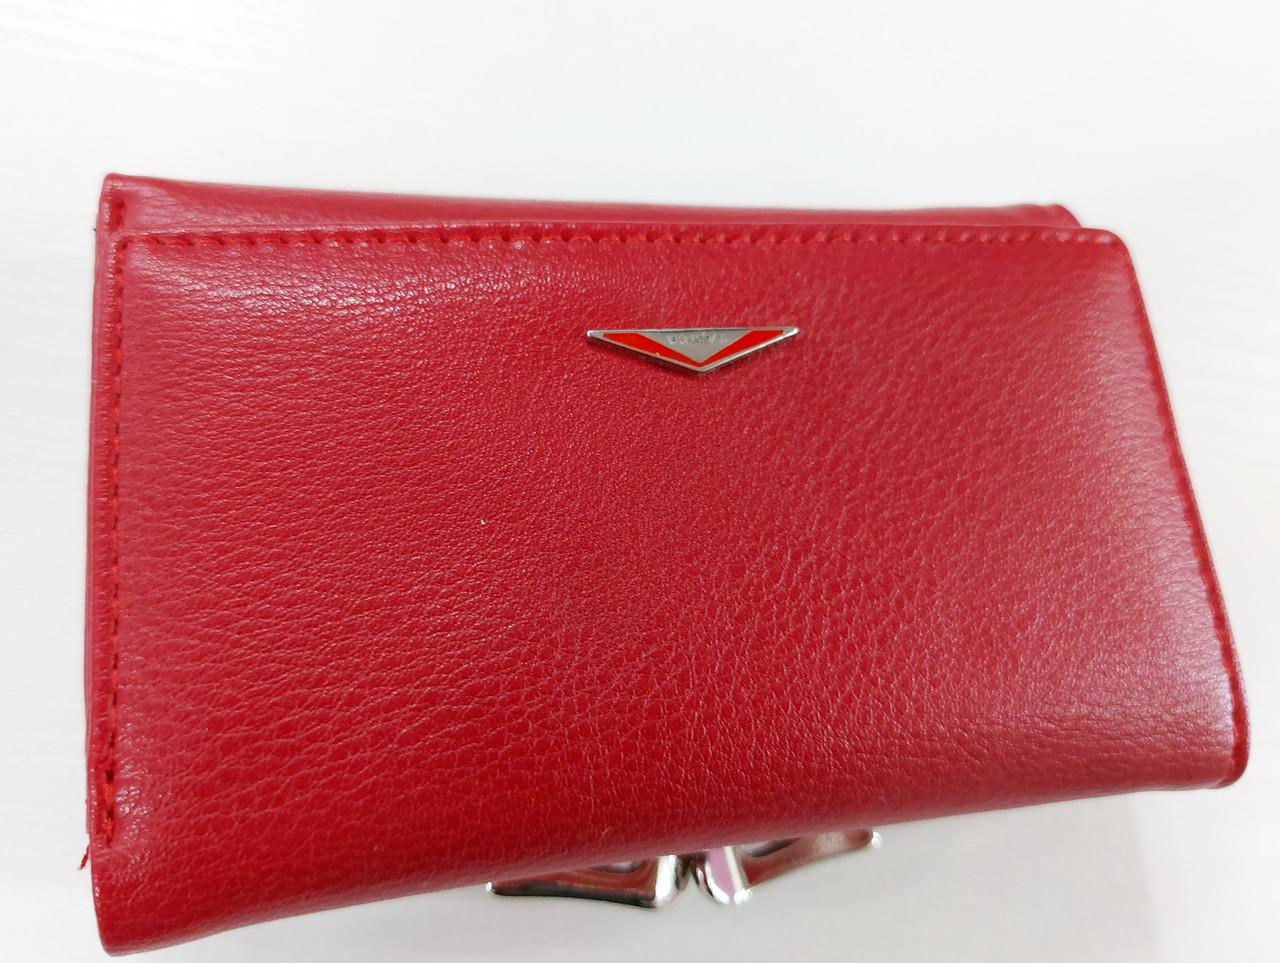 Женский кошелек Balisa C7684 красный Небольшой женский кошелек с искусственной кожи закрывается на кнопку